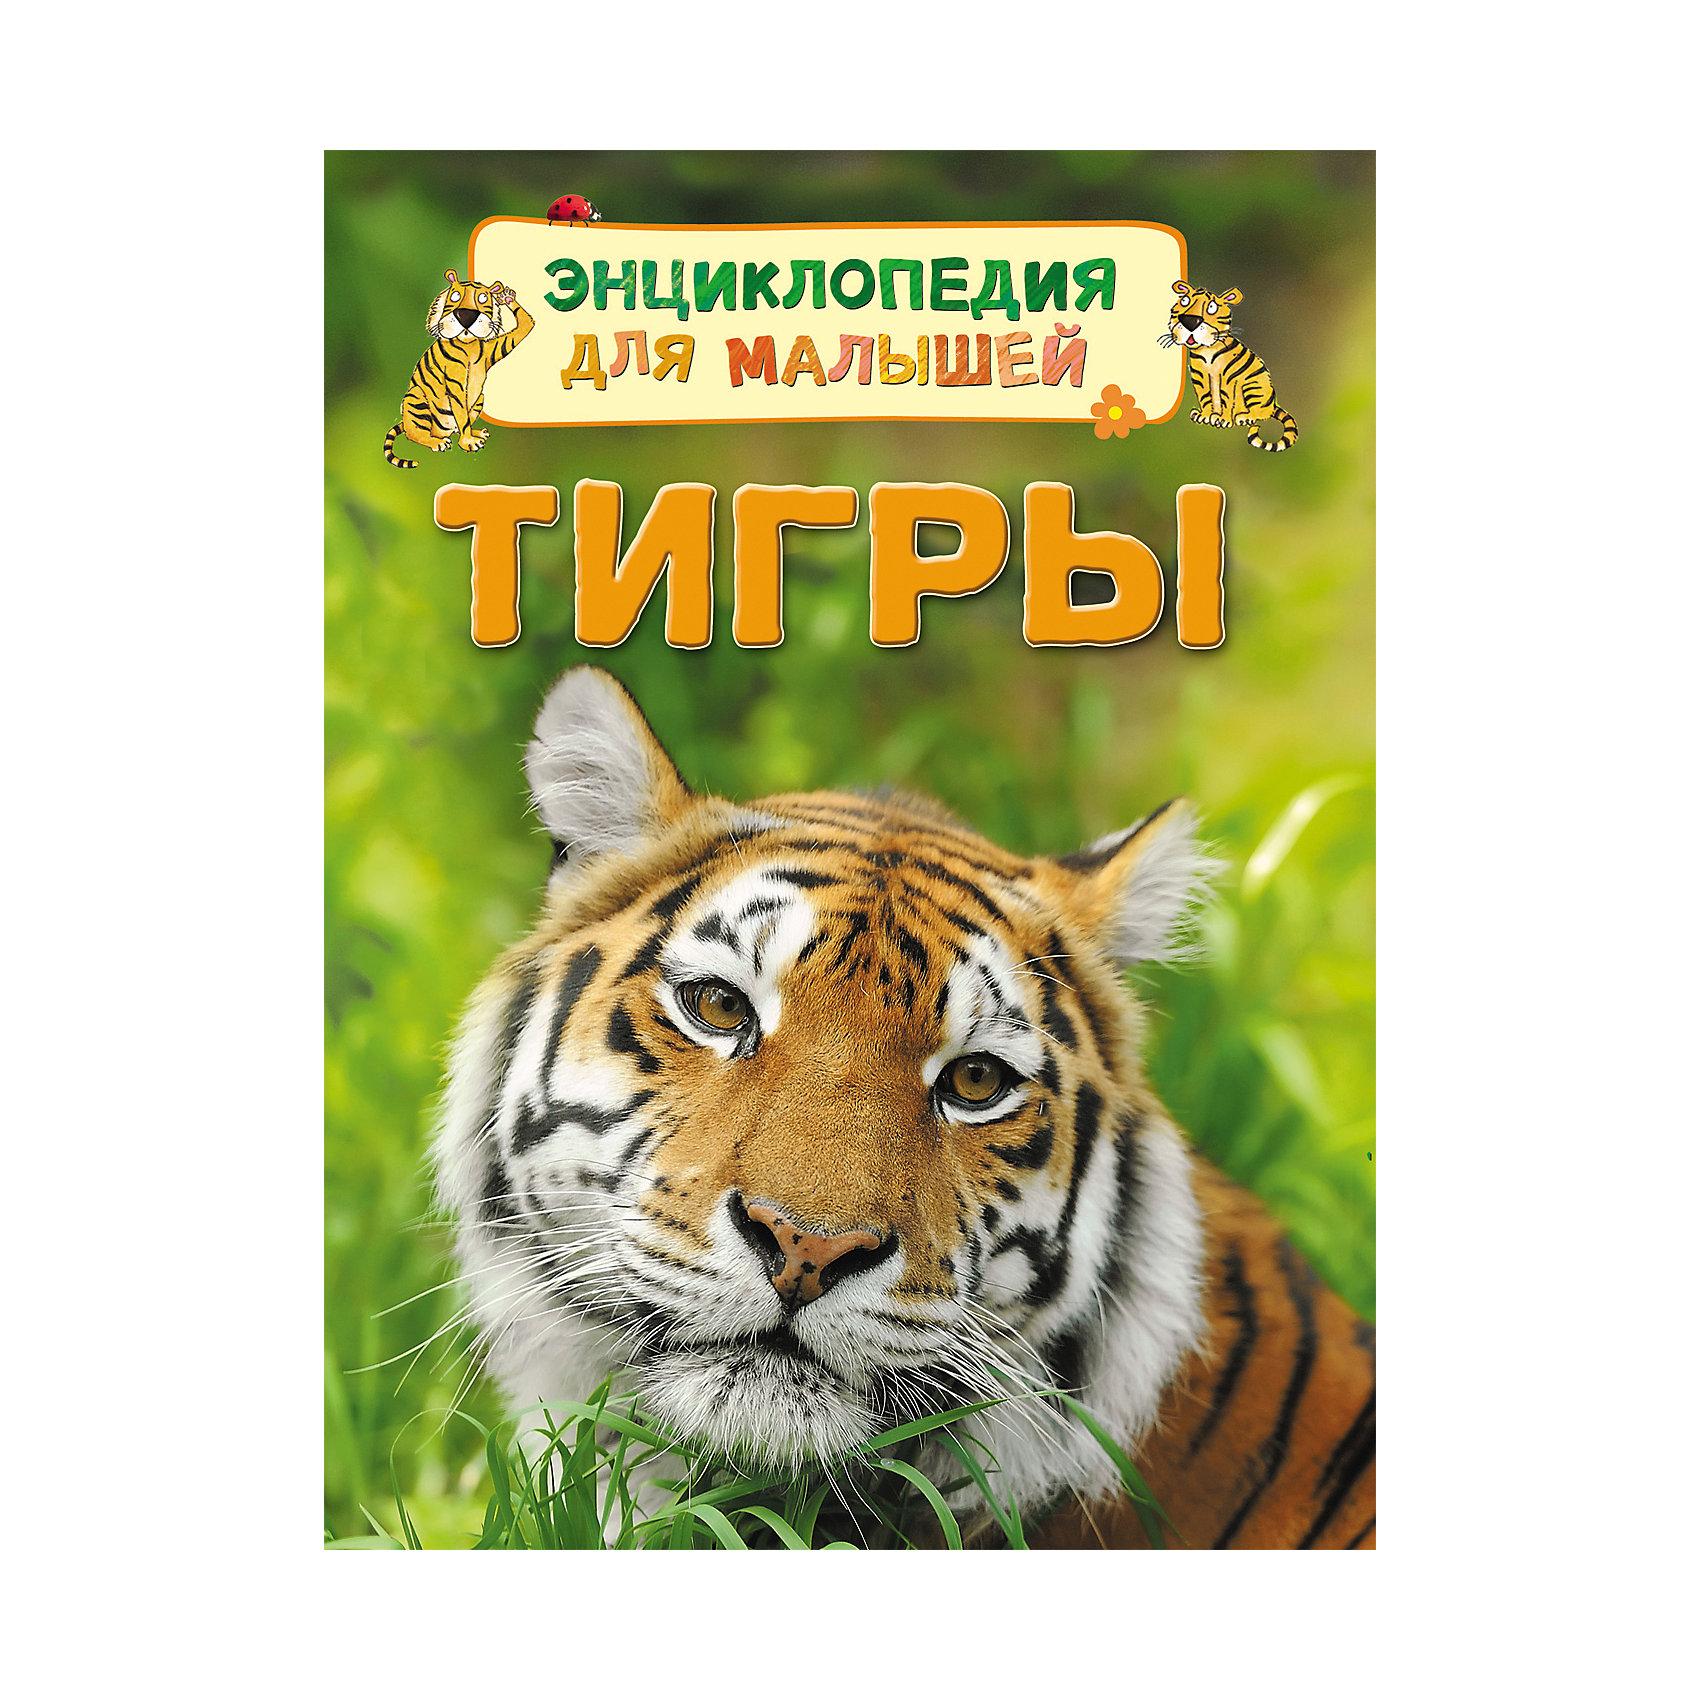 Энциклопедия для малышей ТигрыЭнциклопедии о животных<br>Энциклопедия для малышей Тигры<br><br>Характеристики:<br><br>- издательство Росмэн<br>- количество страниц: 32<br>- формат: 22 * 0,7 * 17 см.<br>- Тип обложки: 7Бц – твердая целлофинированная<br>- Иллюстрации: цветные<br>- вес: 190 гр.<br><br>Книга Тигры из серии Энциклопедия для малышей придет по вкусу как любителям серии, так и новичкам. Эта детская книга включает в себя множество цветных иллюстраций, которые делают информацию в книге интересной, наглядной и запоминающейся. Книга расскажет о тиграх и какие они бывают, о том, как они произошли и где они обитают. Книга расскажет о строении тела тигров и об особенностях их жизни. Энциклопедия расскажет о маленьких тигрятах и поможет понять в чем сходства и отличия тигров от домашних кошек.<br><br>Энциклопедию для малышей Тигры можно купить в нашем интернет-магазине.<br><br>Ширина мм: 220<br>Глубина мм: 167<br>Высота мм: 7<br>Вес г: 190<br>Возраст от месяцев: 36<br>Возраст до месяцев: 72<br>Пол: Унисекс<br>Возраст: Детский<br>SKU: 5109700